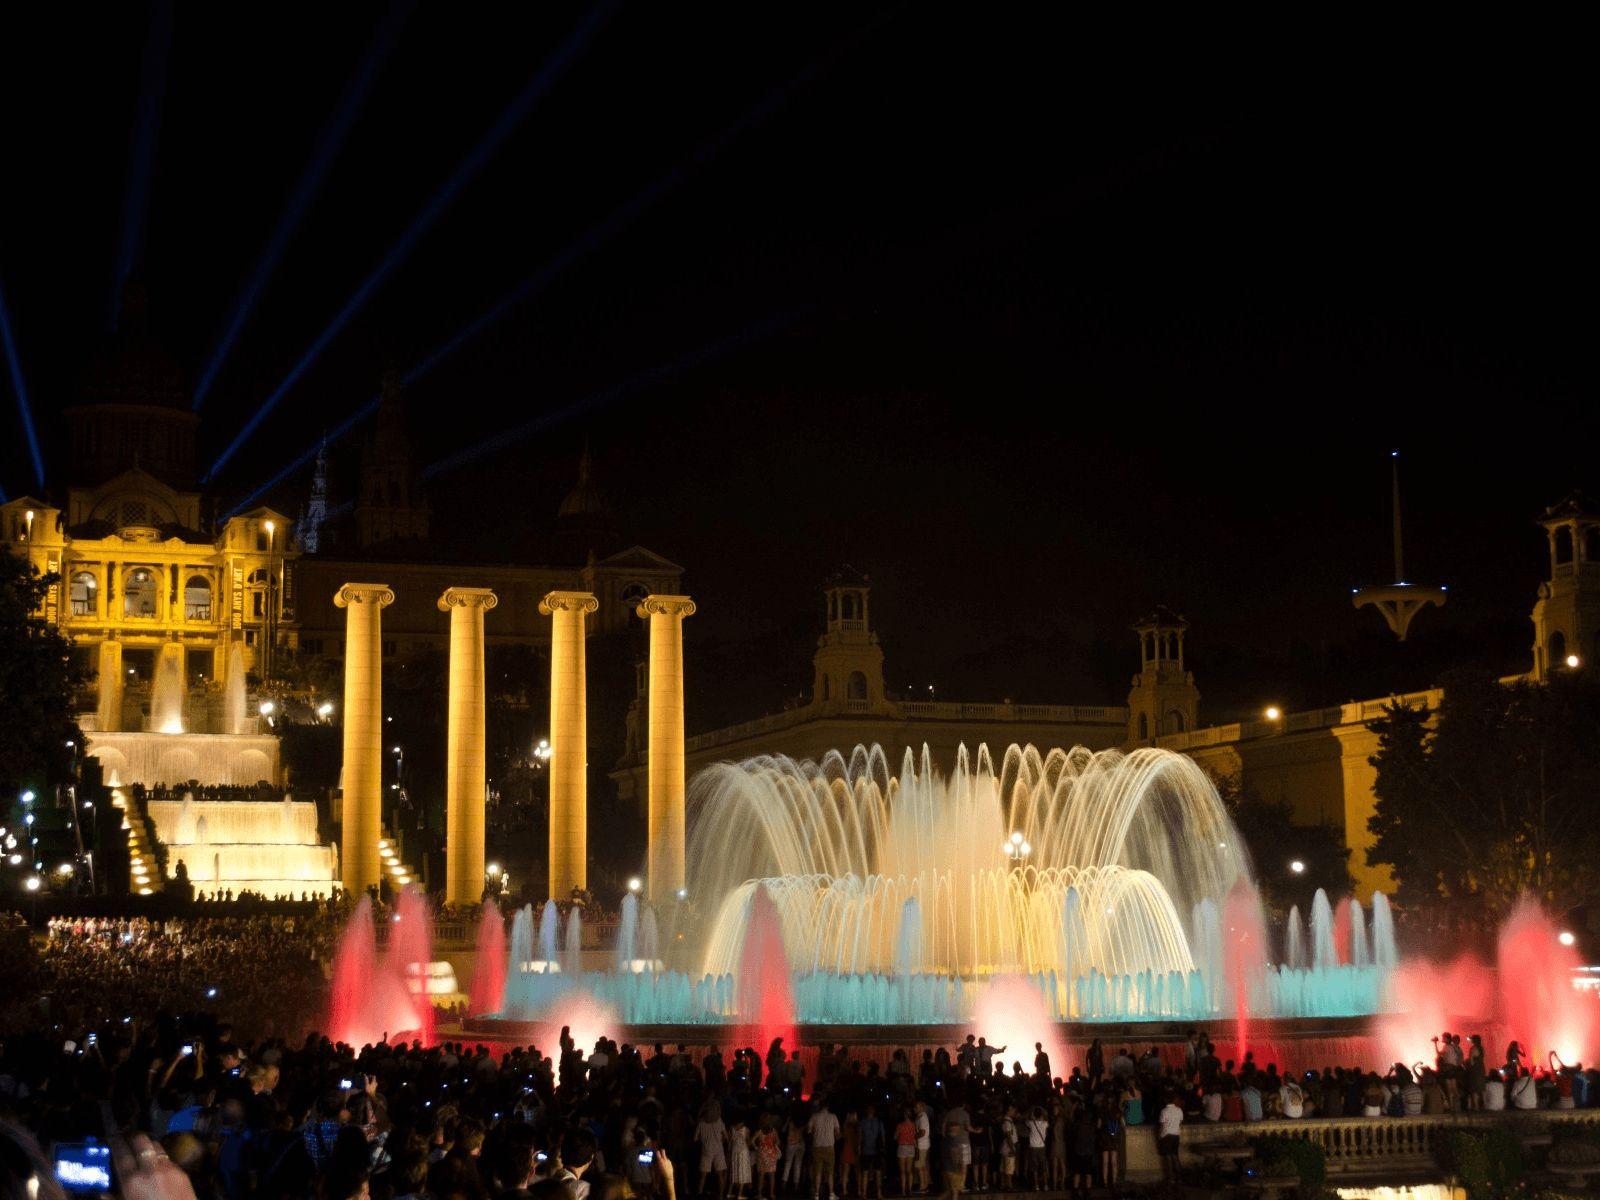 BARCELONA SPANNABIS KRSTARENJE: Barcelona: Čarobne fontane